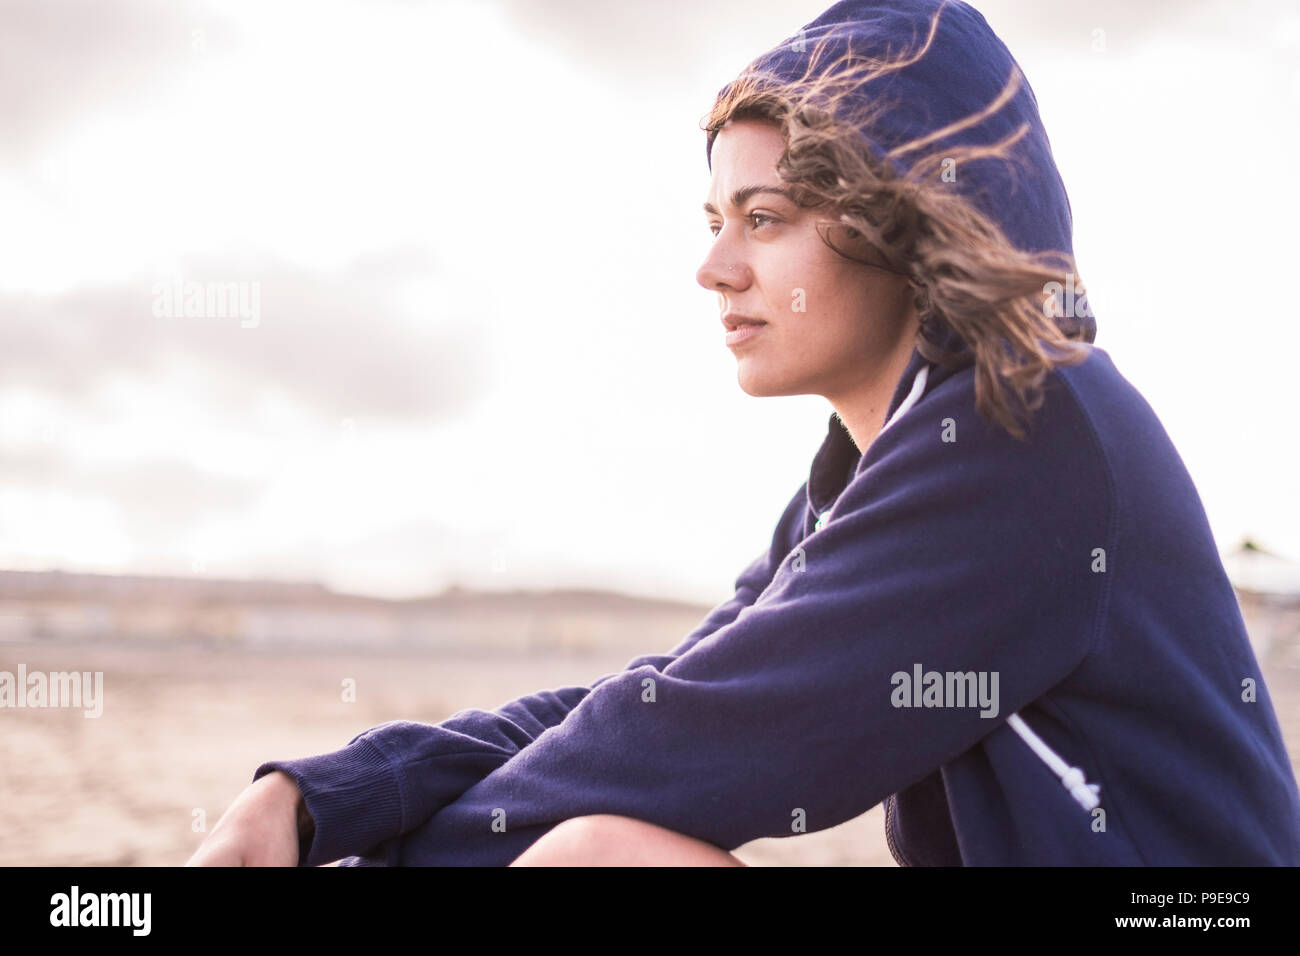 Hermosa chica sentada en la playa al aire libre en vacaciones de verano. perdido en sus pensamientos con la independencia y la libertad concepto. brillante cielo con nubes en Imagen De Stock